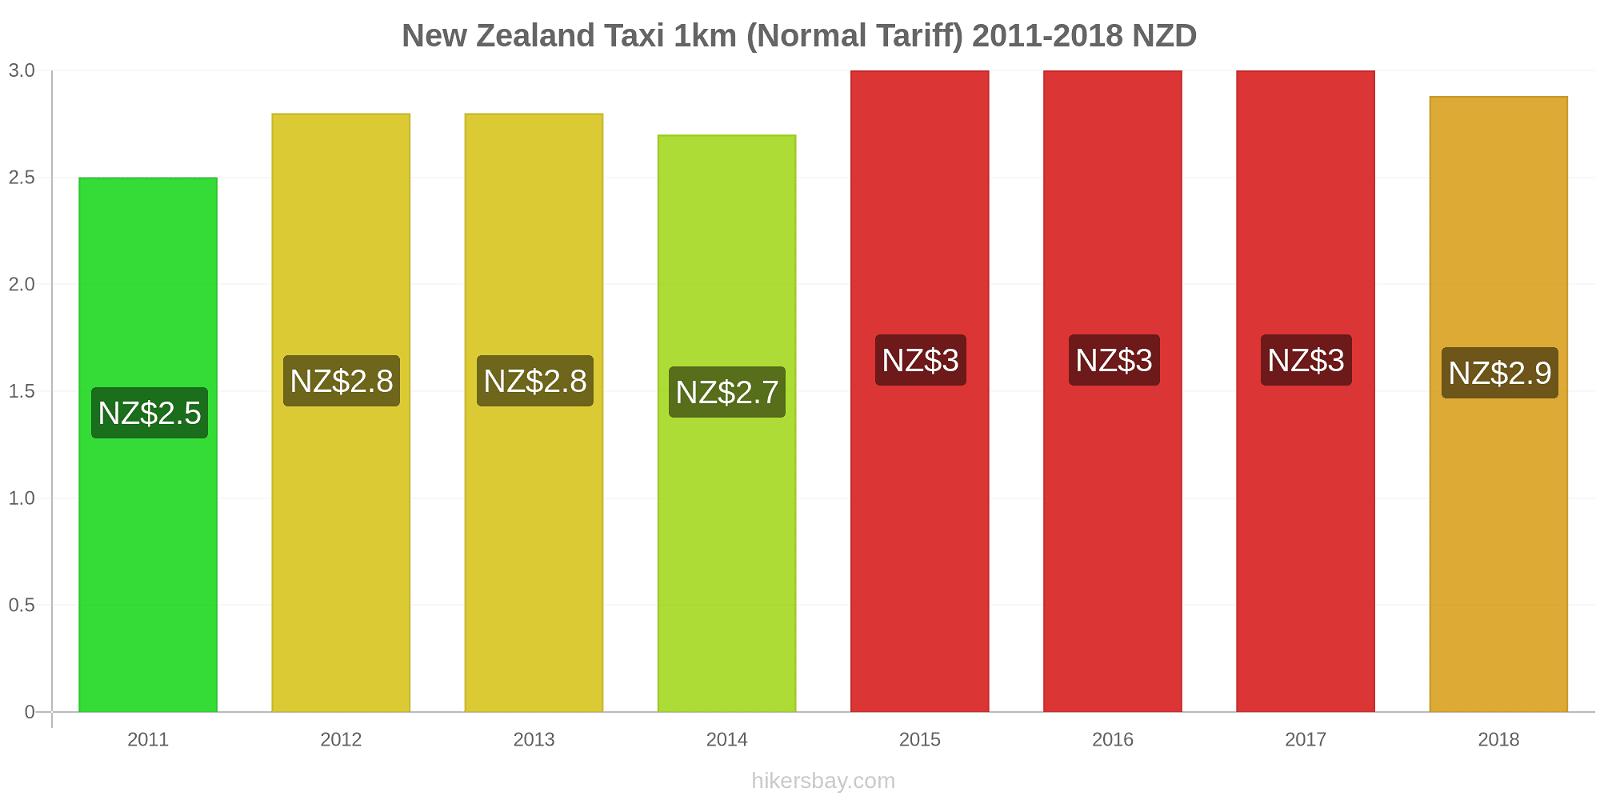 New Zealand price changes Taxi 1km (Normal Tariff) hikersbay.com